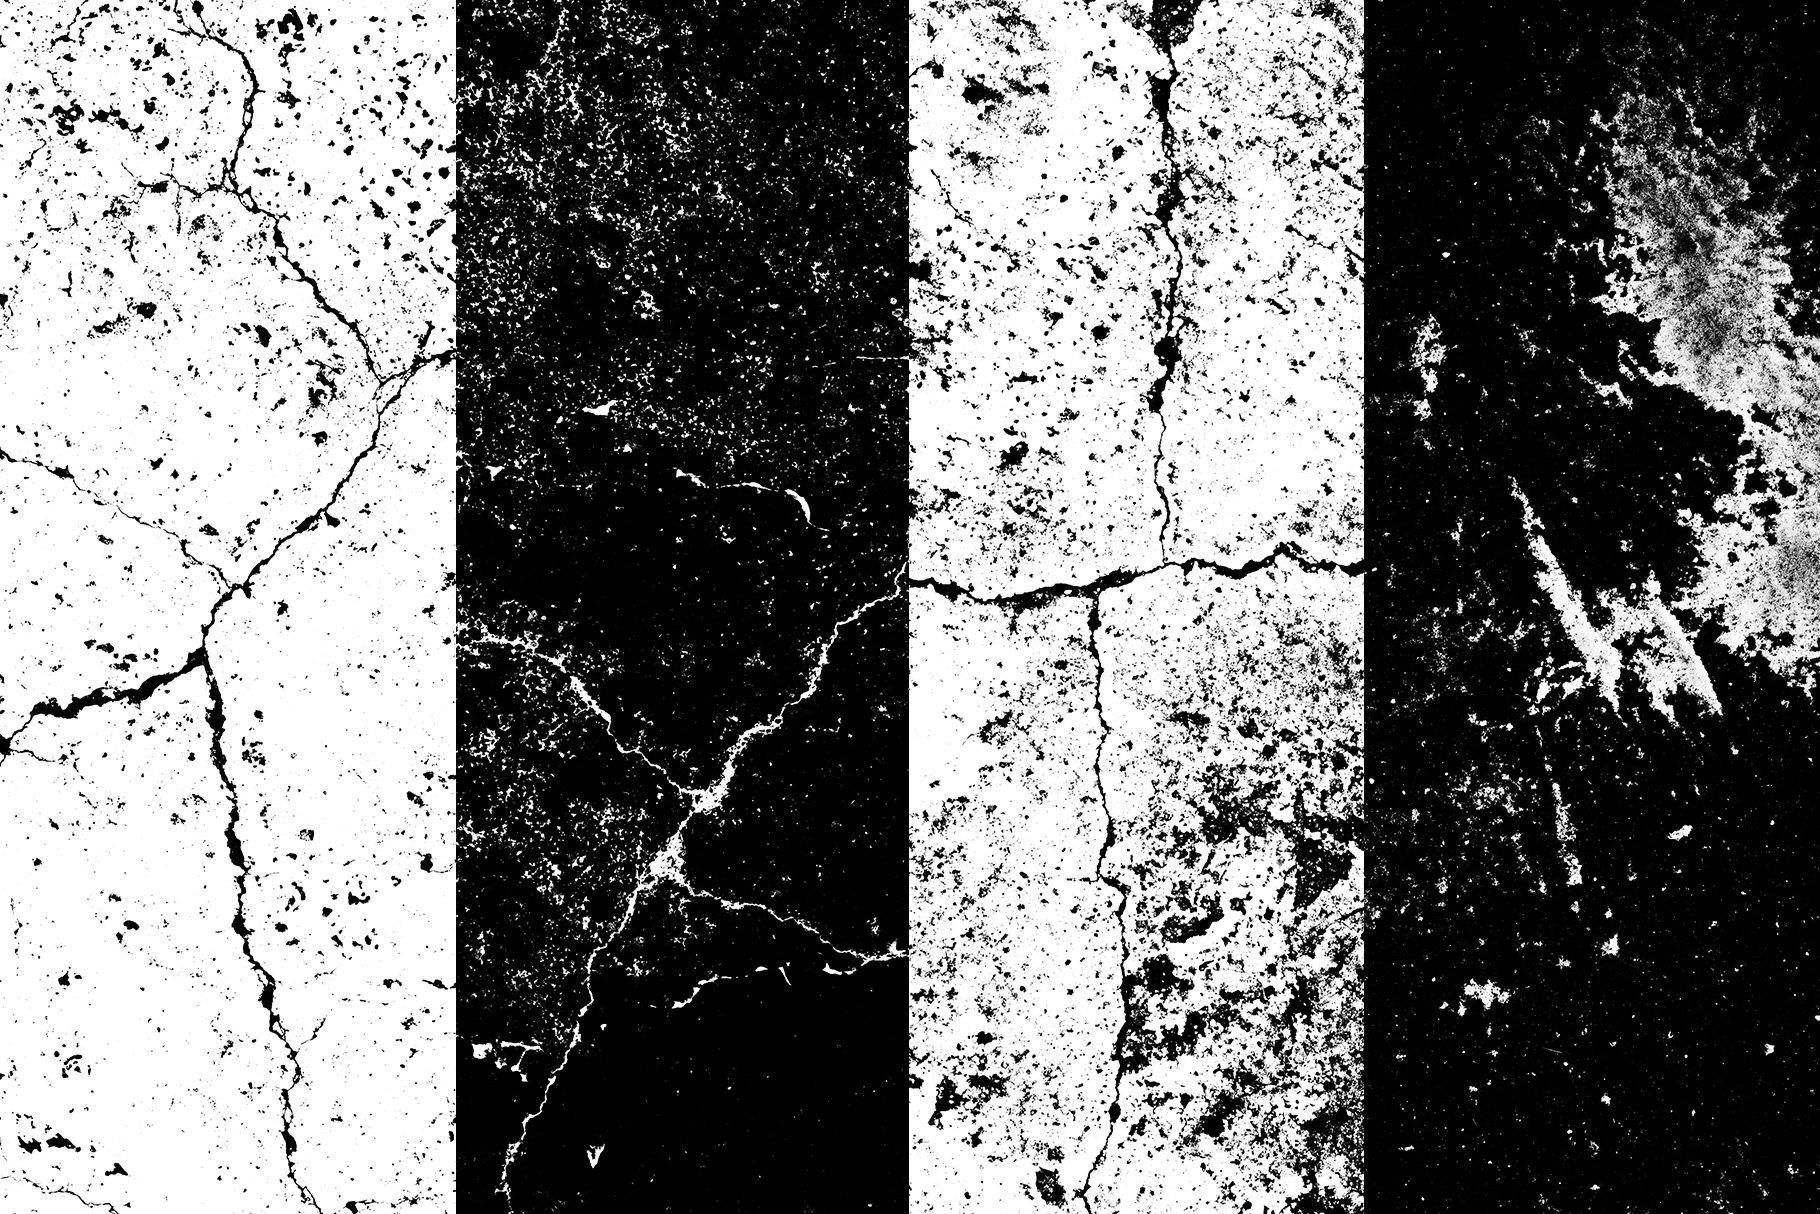 [单独购买] 150款潮流做旧粗糙磨损裂纹纹理平面广告设计背景图片素材 Cracked & Distressed Textures插图7